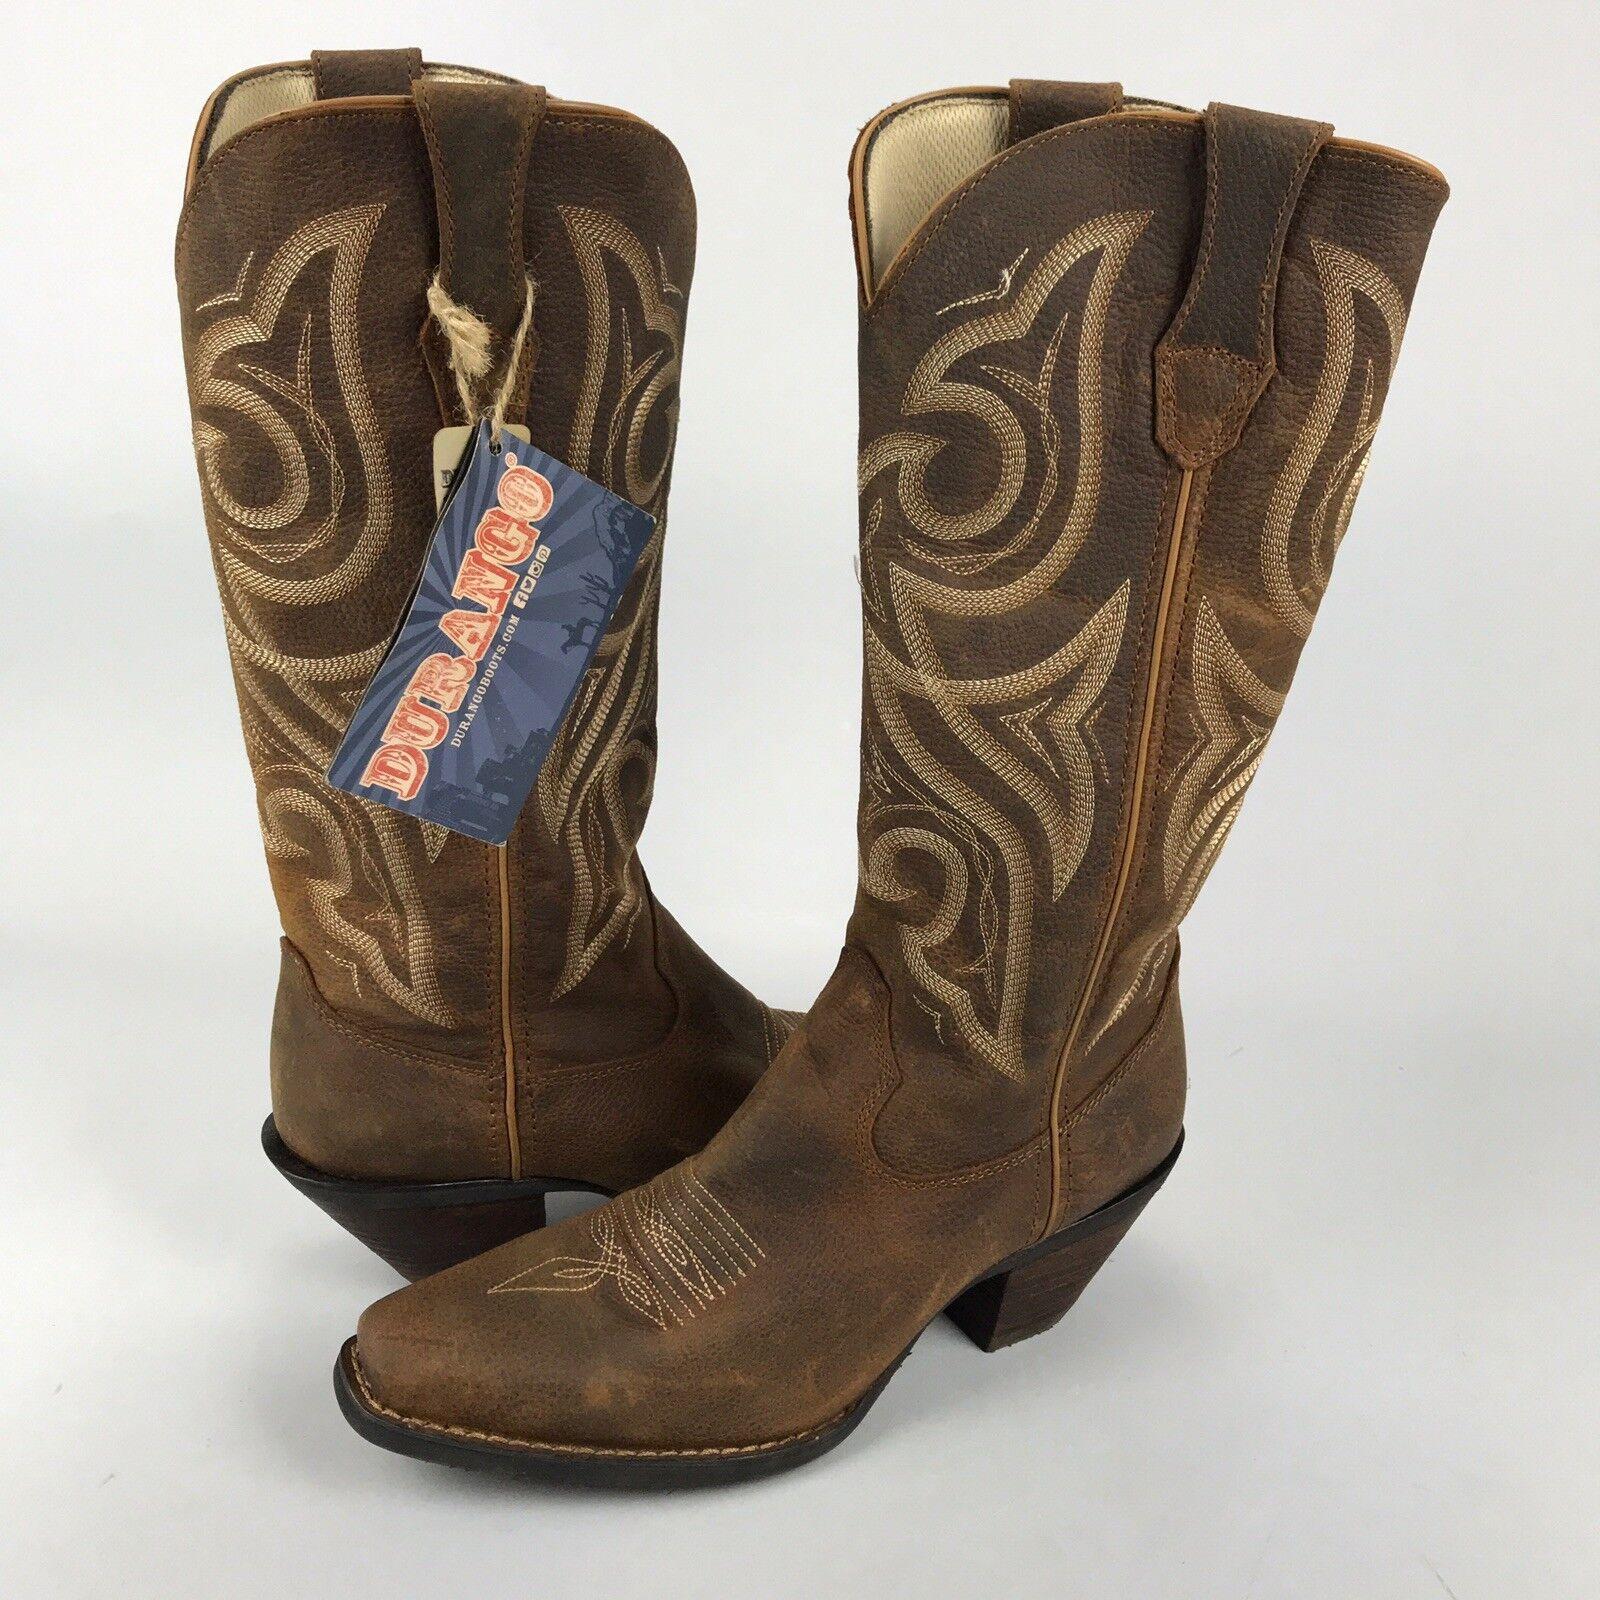 Nuevo botas Durango Crush Jealousy Mujer 8.5M Cuero Cowboy Oeste botas Nuevo Marrón Tostado 8b2f85